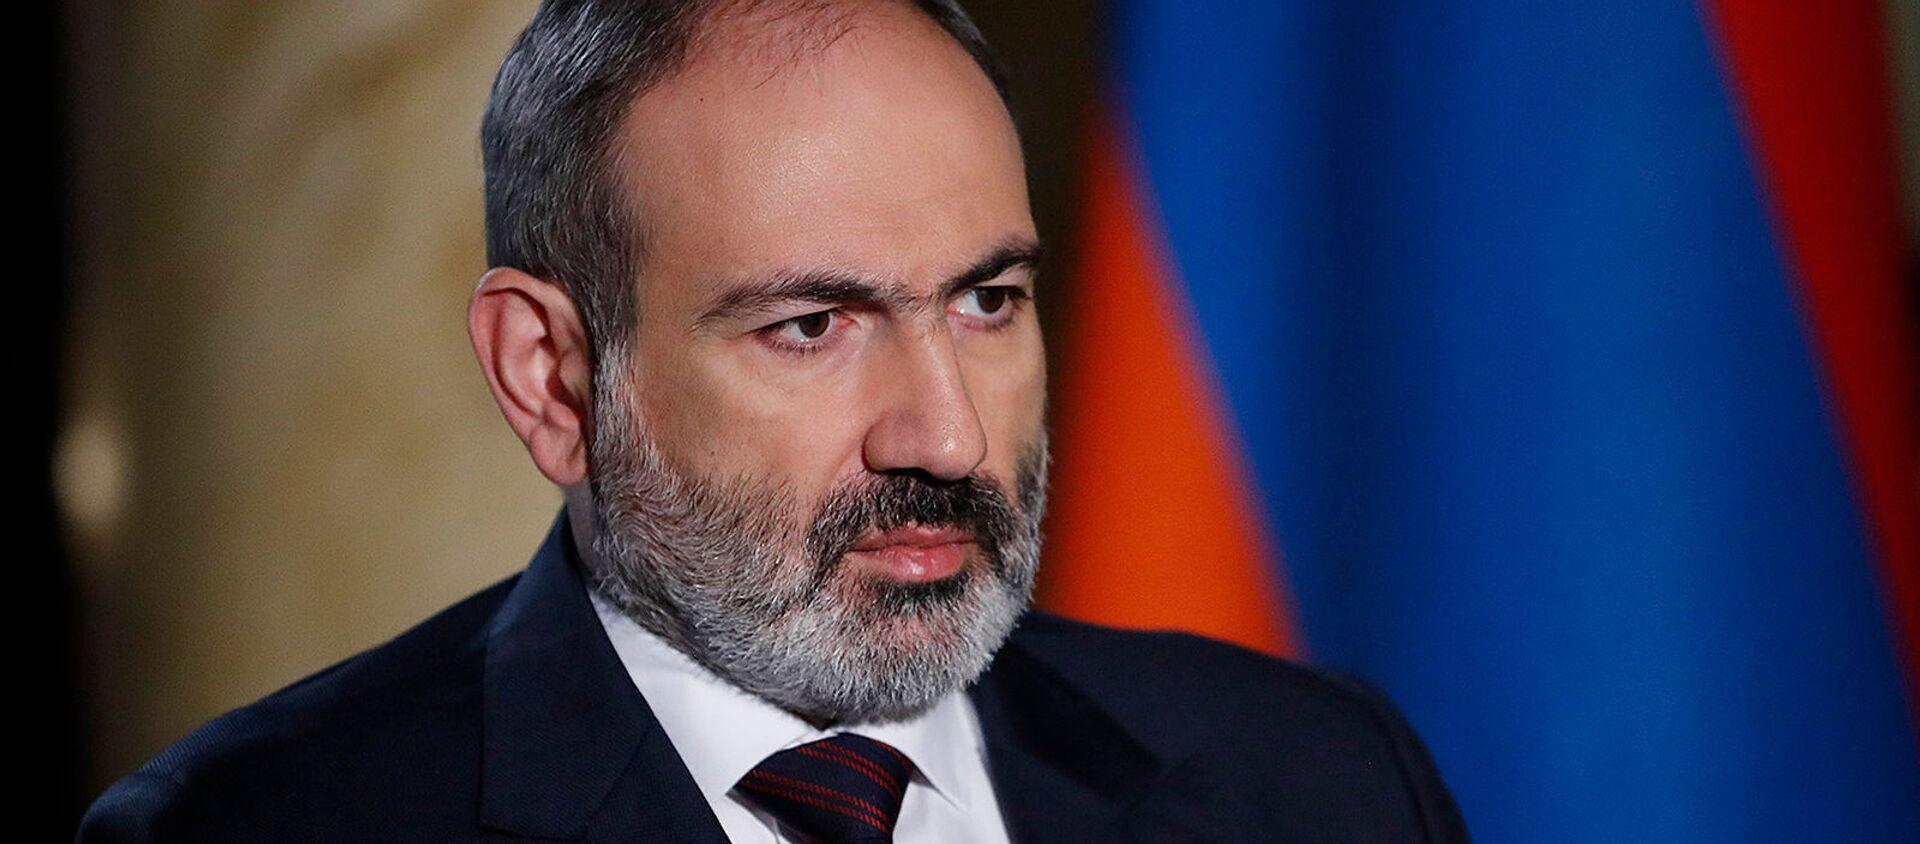 Thủ tướng Nikol Pashinyan phỏng vấn trực tiếp Petros Ghazaryan (27/12/2020). Yerevan - Sputnik Việt Nam, 1920, 20.05.2021